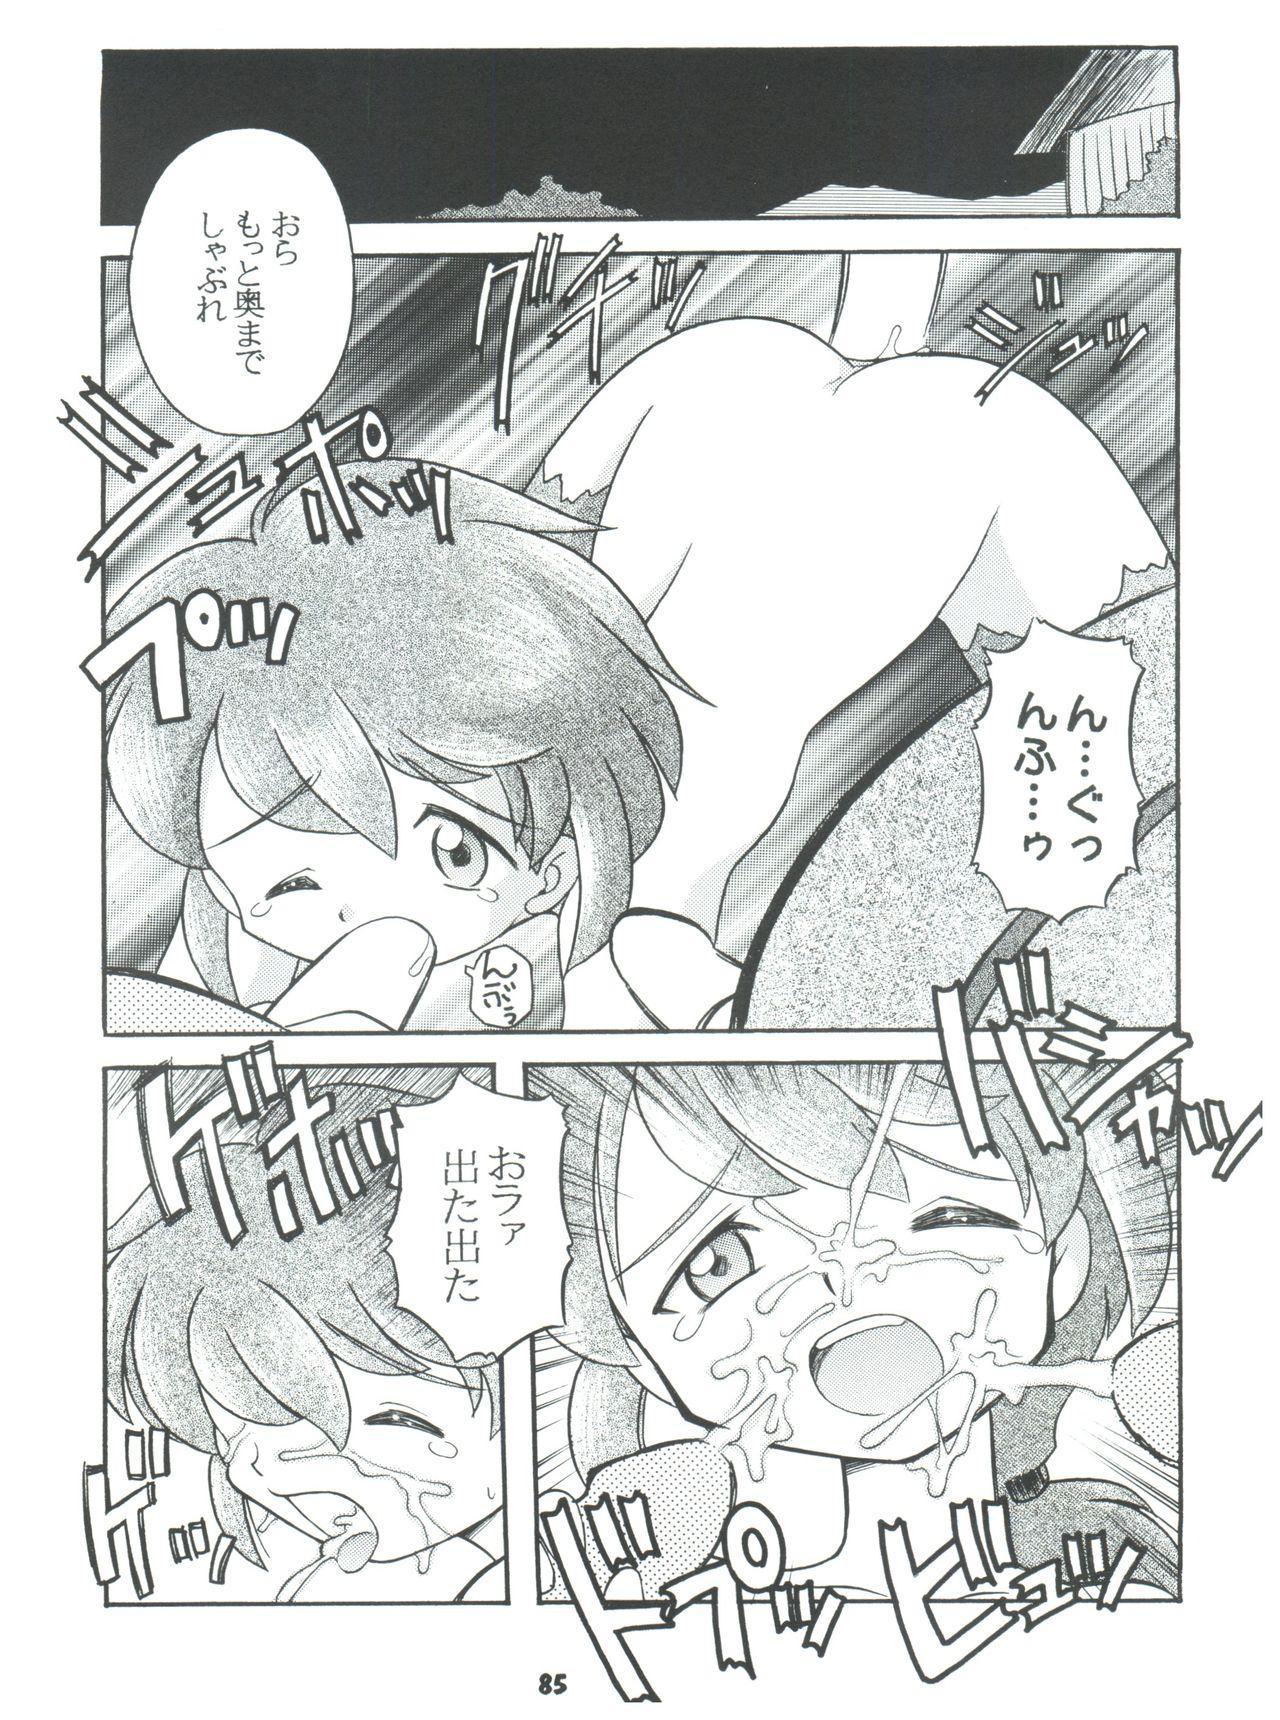 [Sairo Publishing (J. Sairo) En-Jack 2 (Various) 84